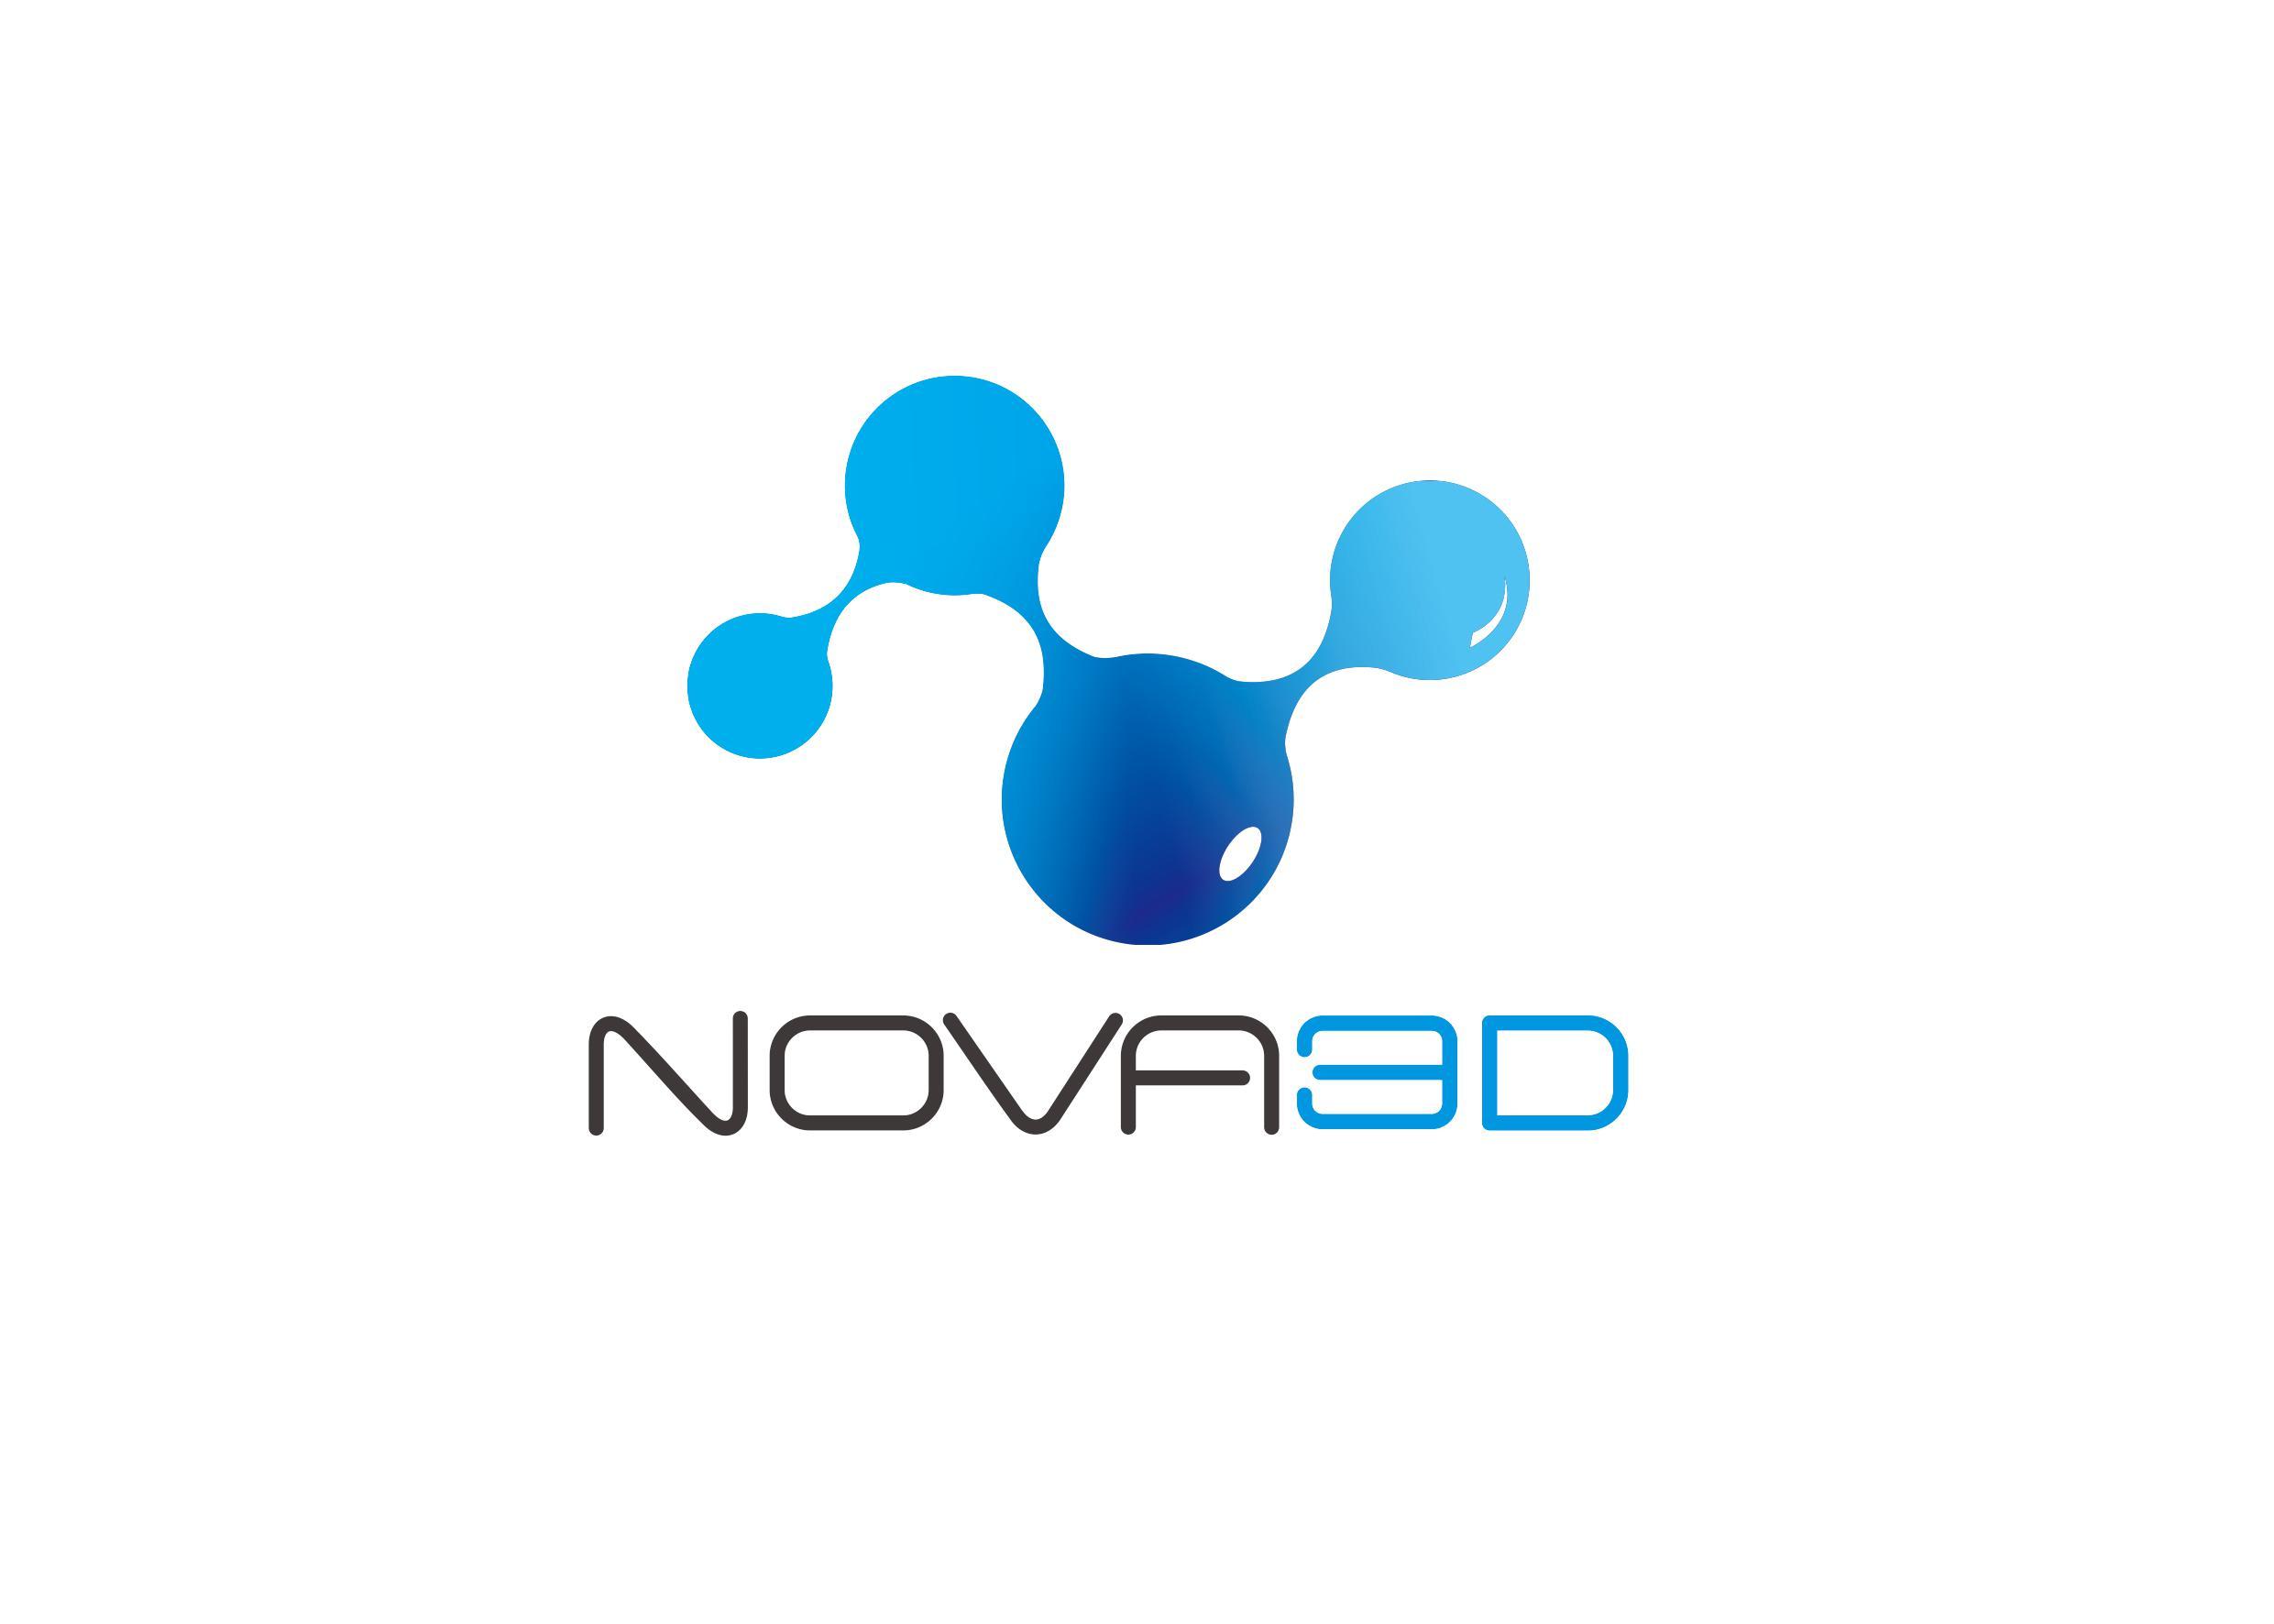 Nova 3D